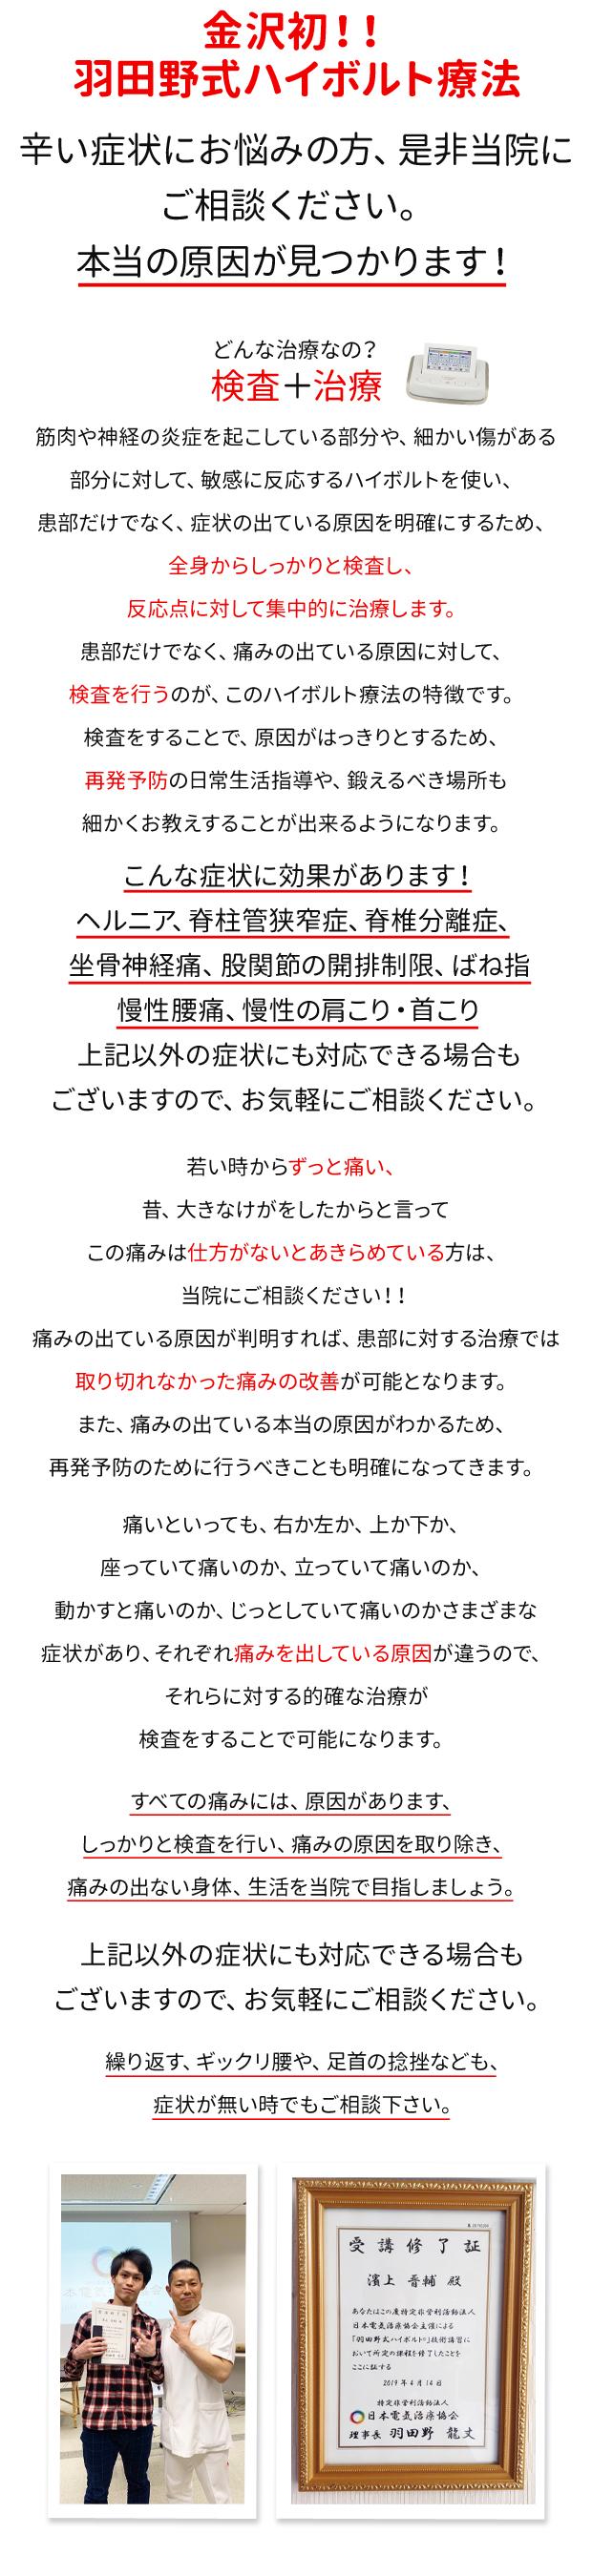 羽田野式ハイボルト療法の説明